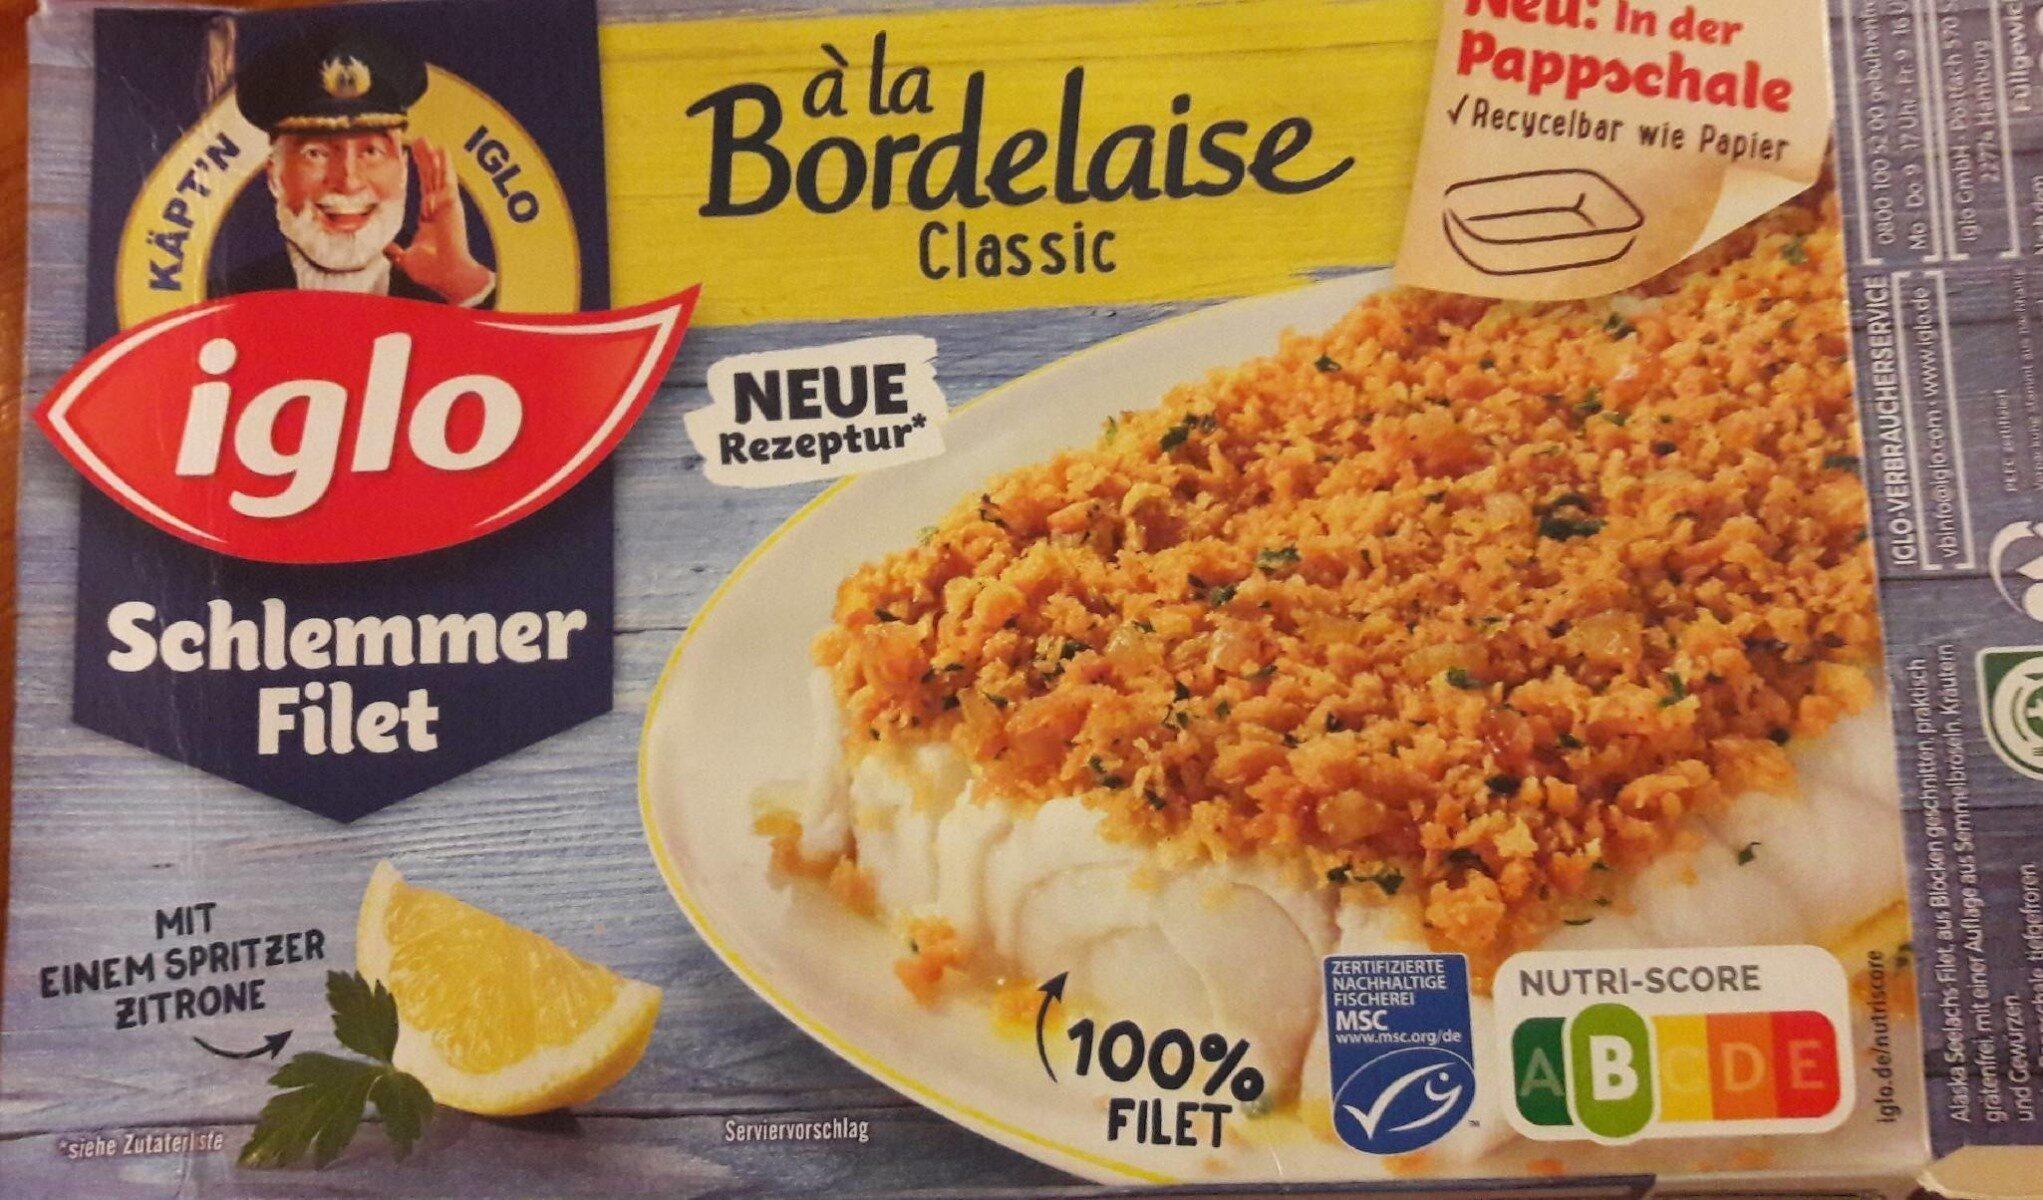 Schlemmer-Filet à la Bordelaise Classic - Produit - de